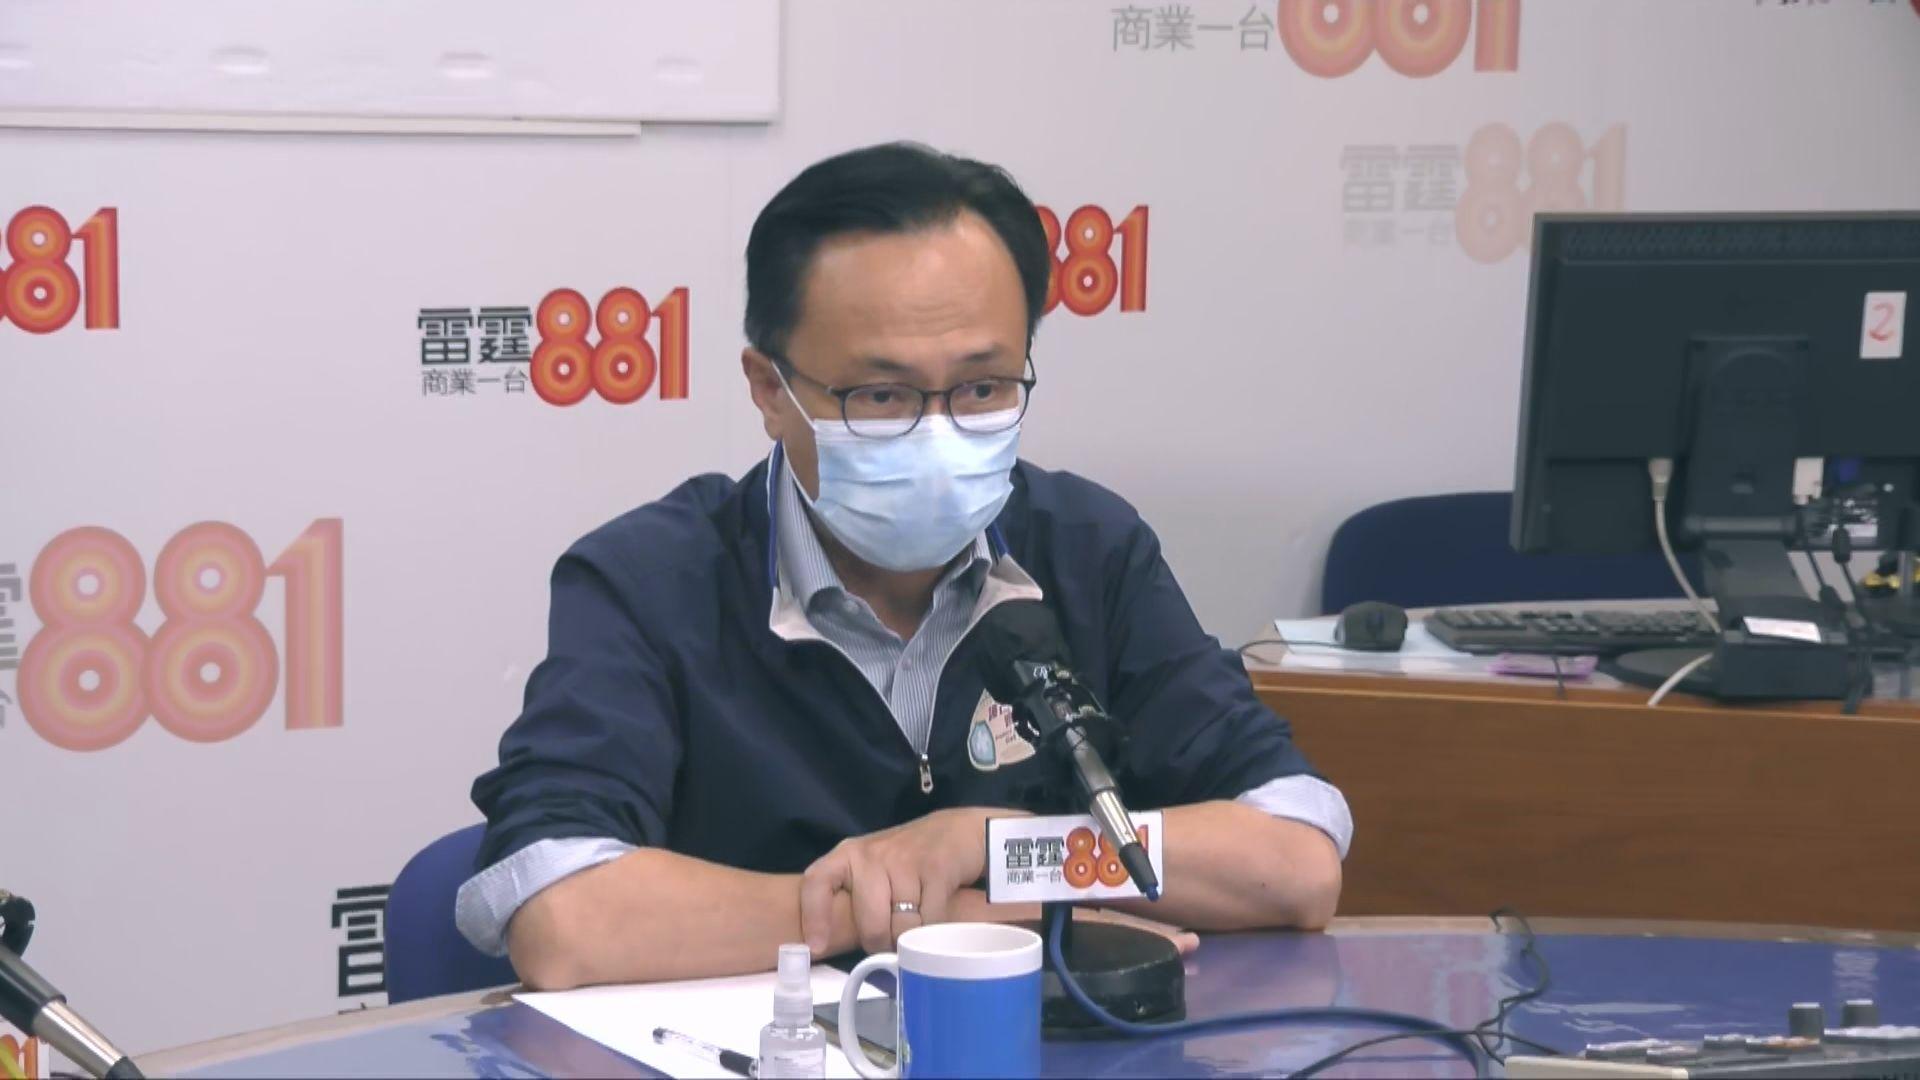 聶德權:檢疫酒店若不符防疫要求將影響資格